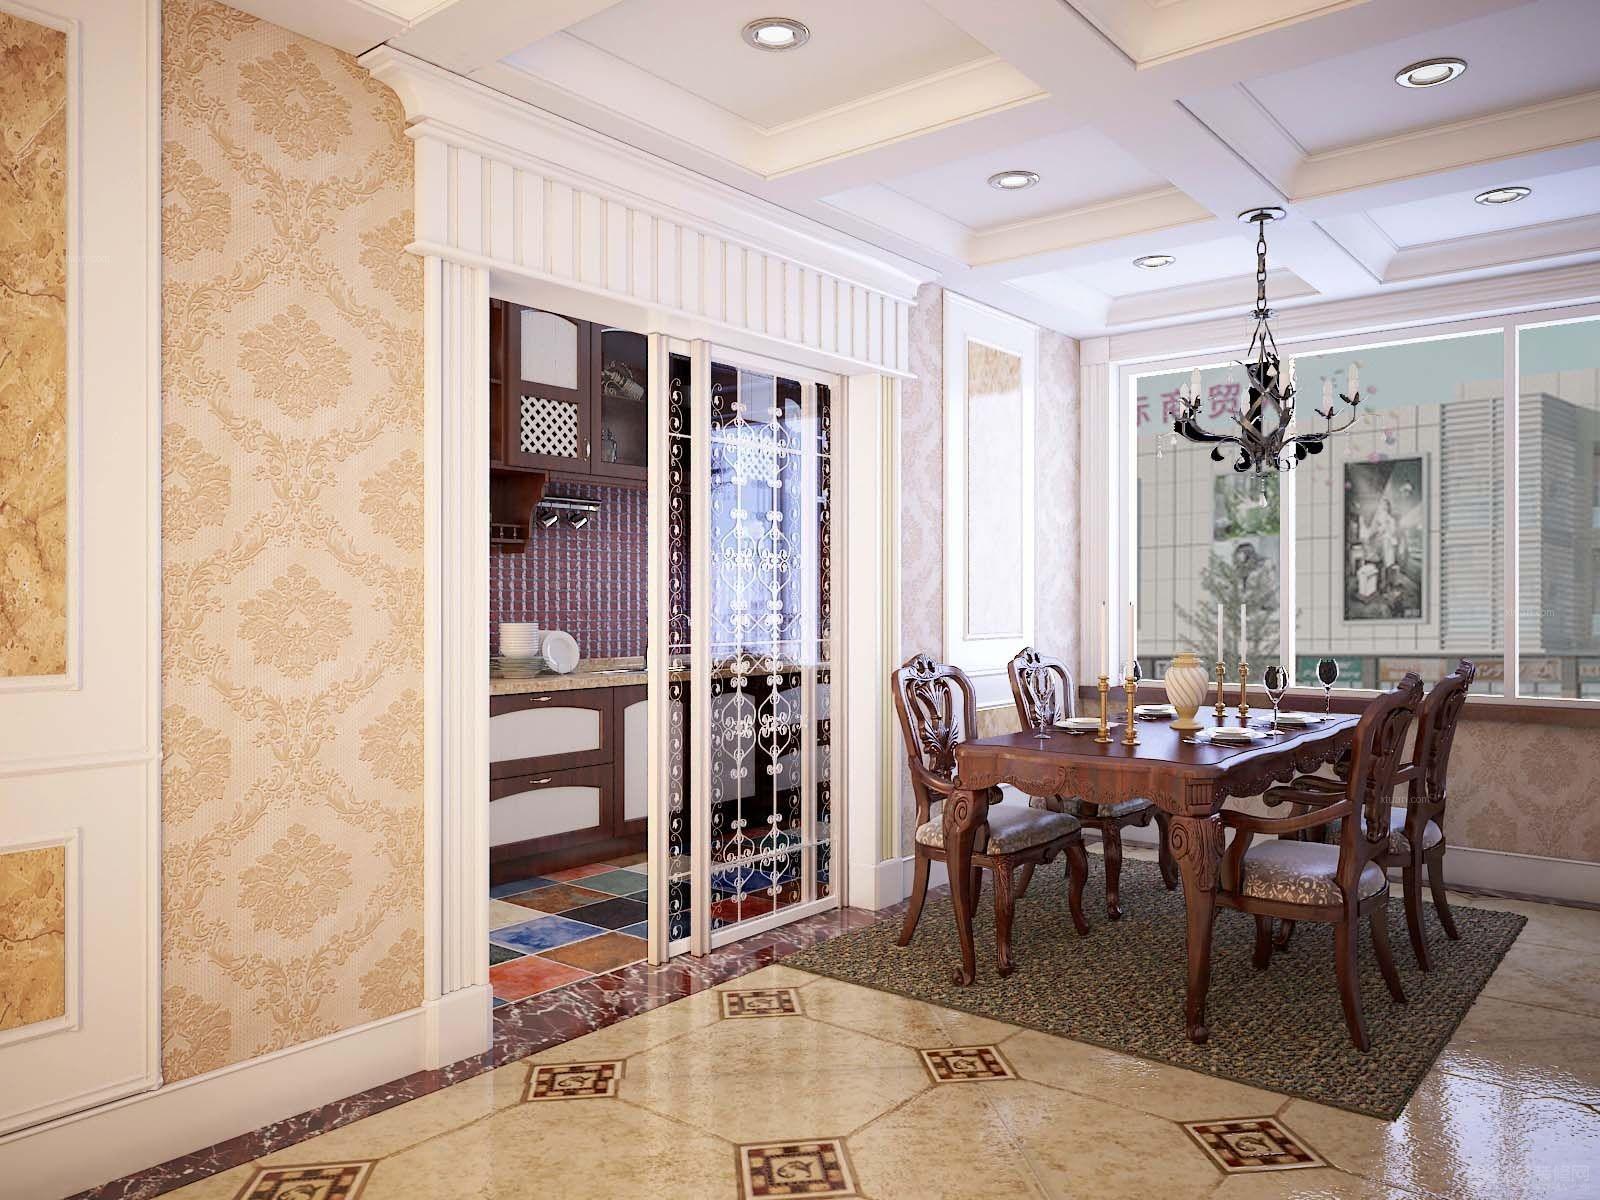 三室两厅欧式风格厨房_一套欧式装修效果图-x团装修网